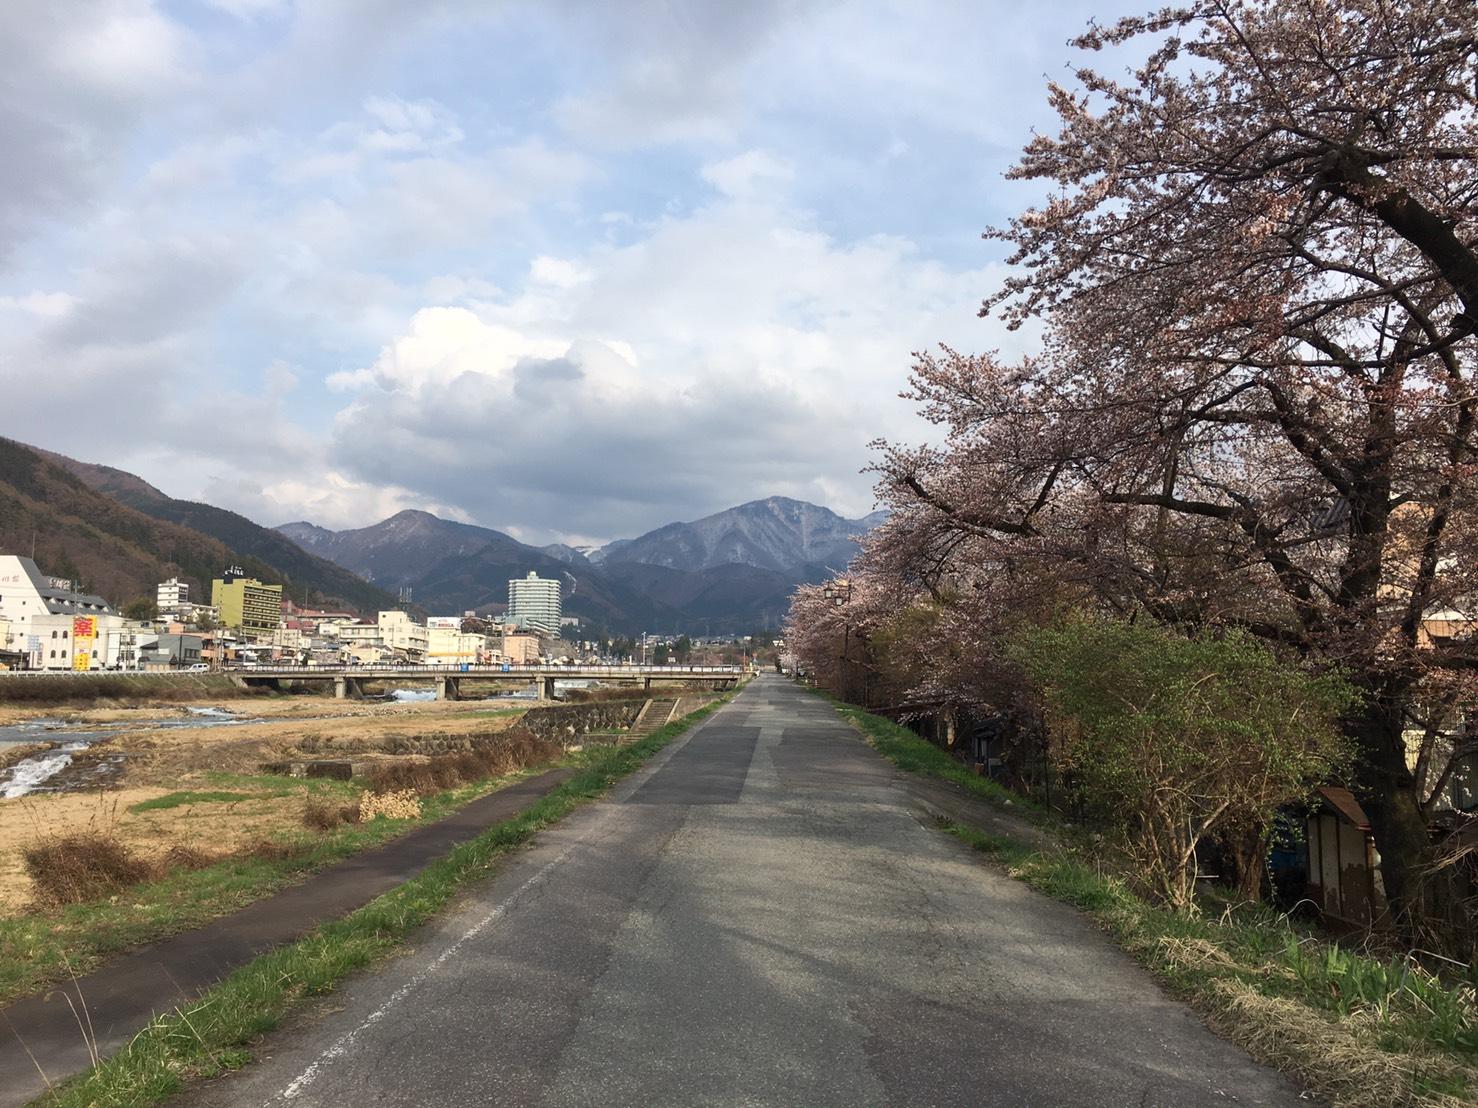 budding blossom trees